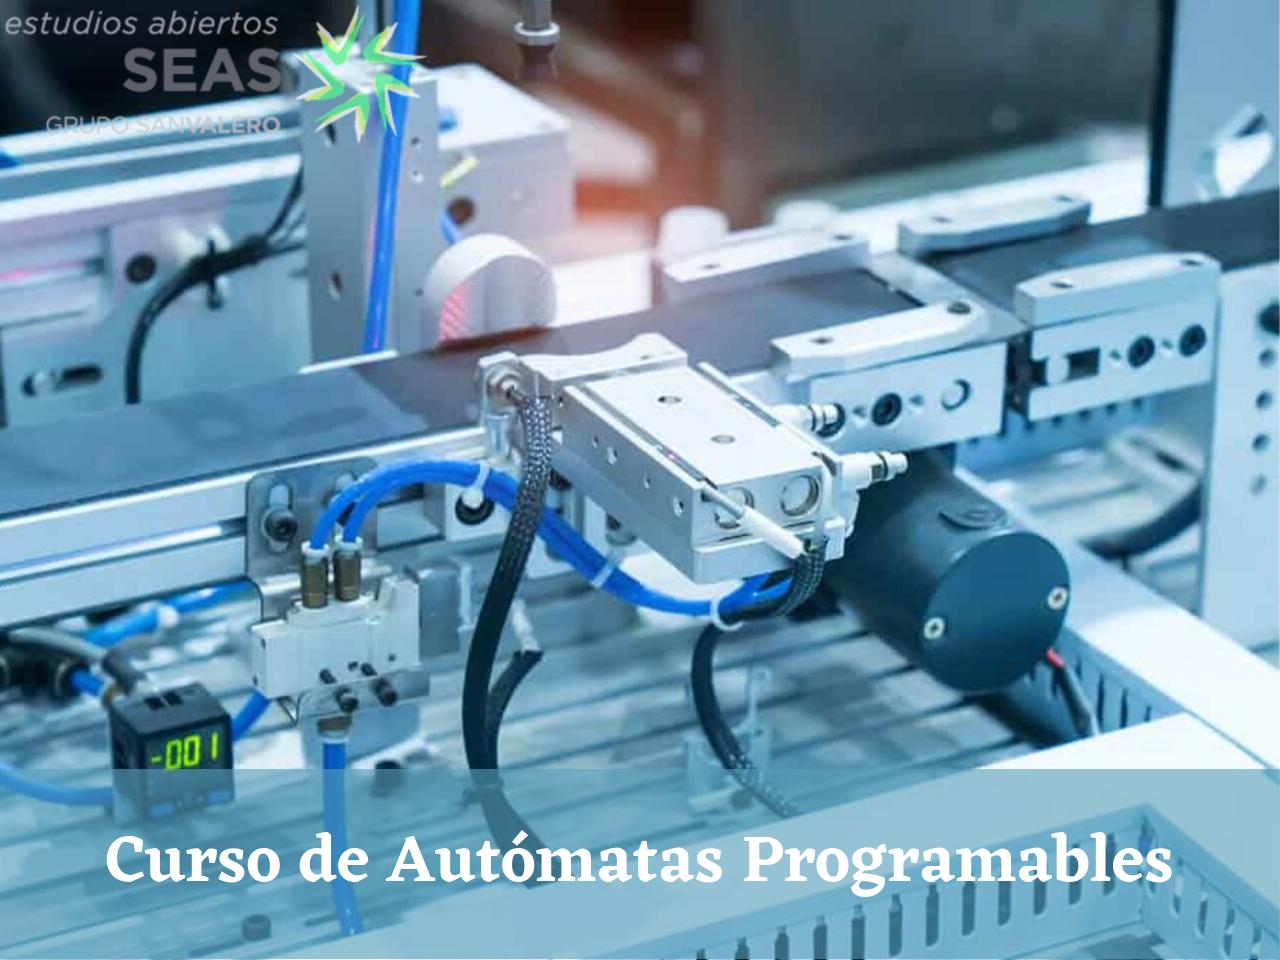 Curso de Autómatas Programables